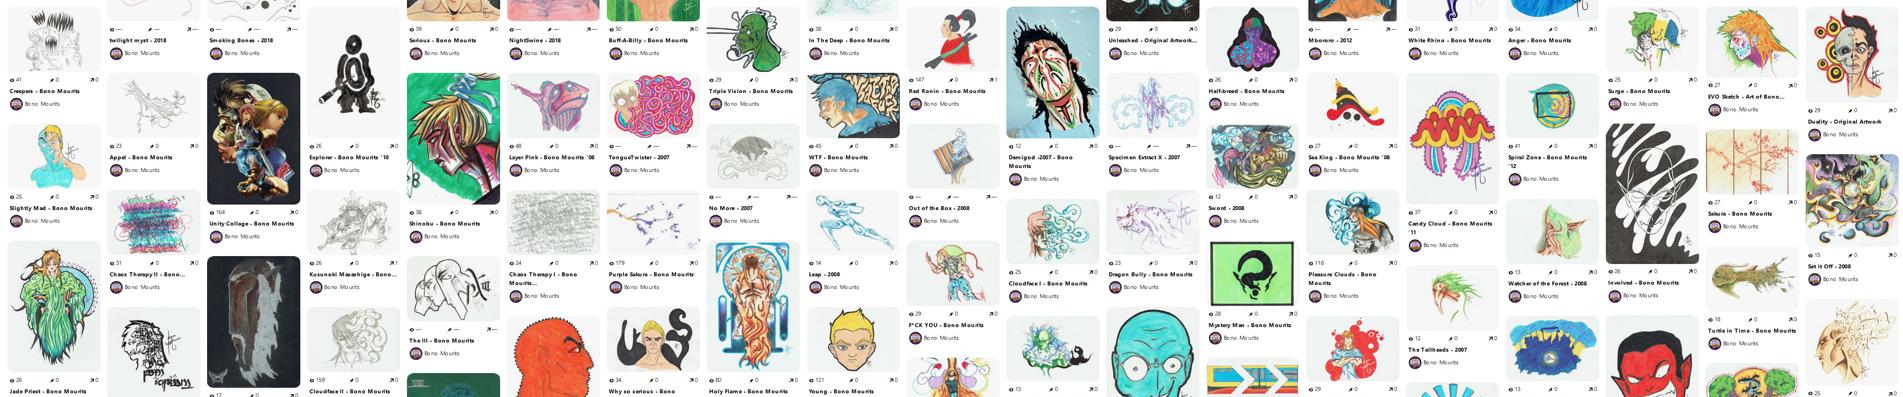 The Beginning Pinterest overview